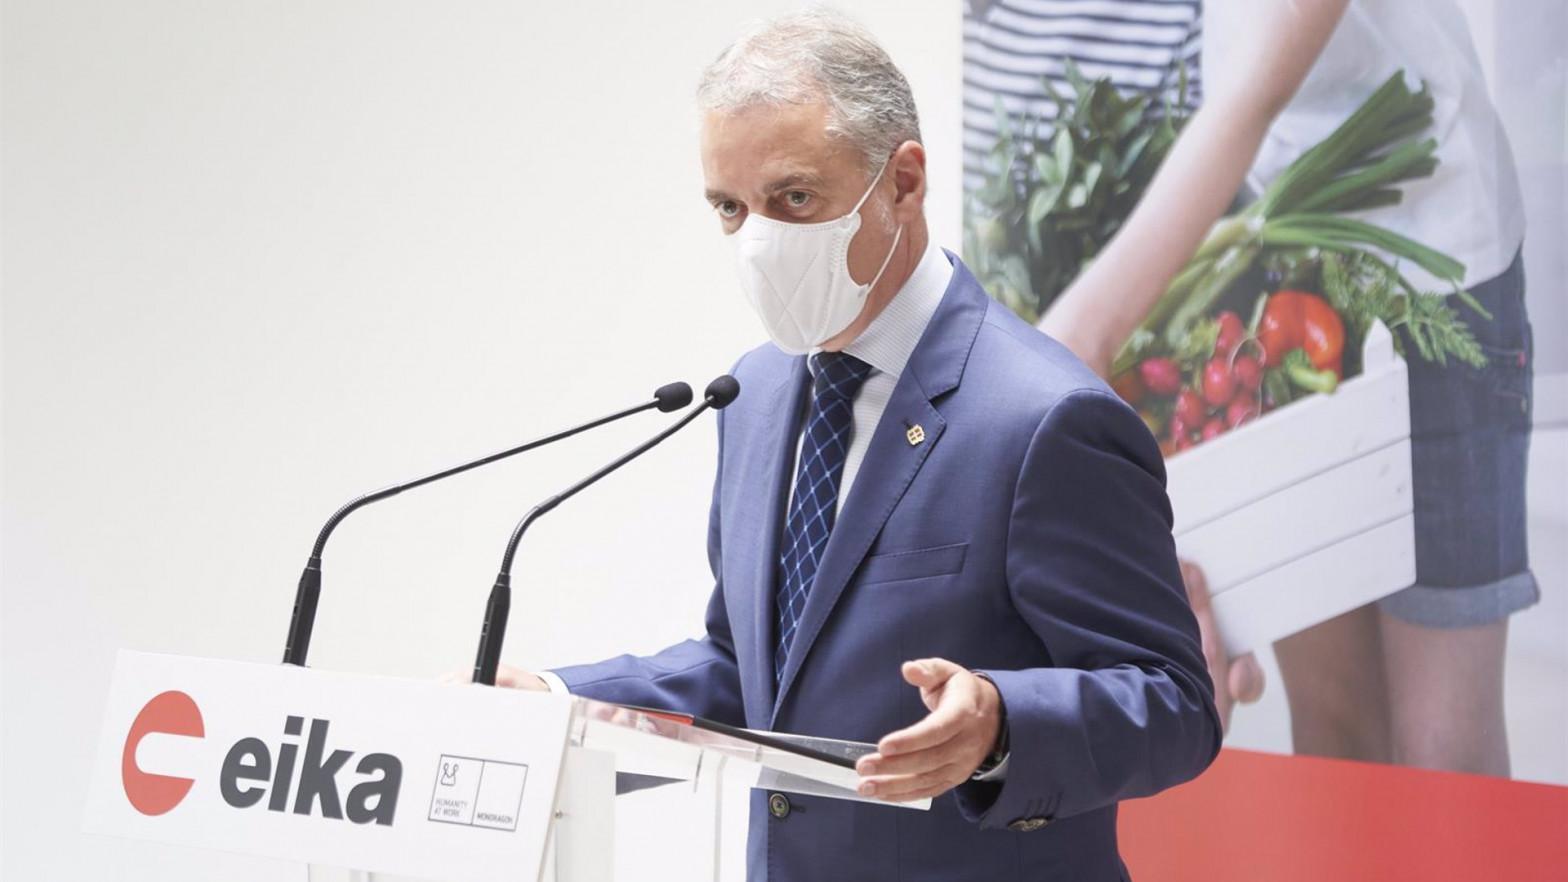 Urkullu pide a Sánchez la obligatoriedad de la mascarilla y limitar la movilidad nocturna